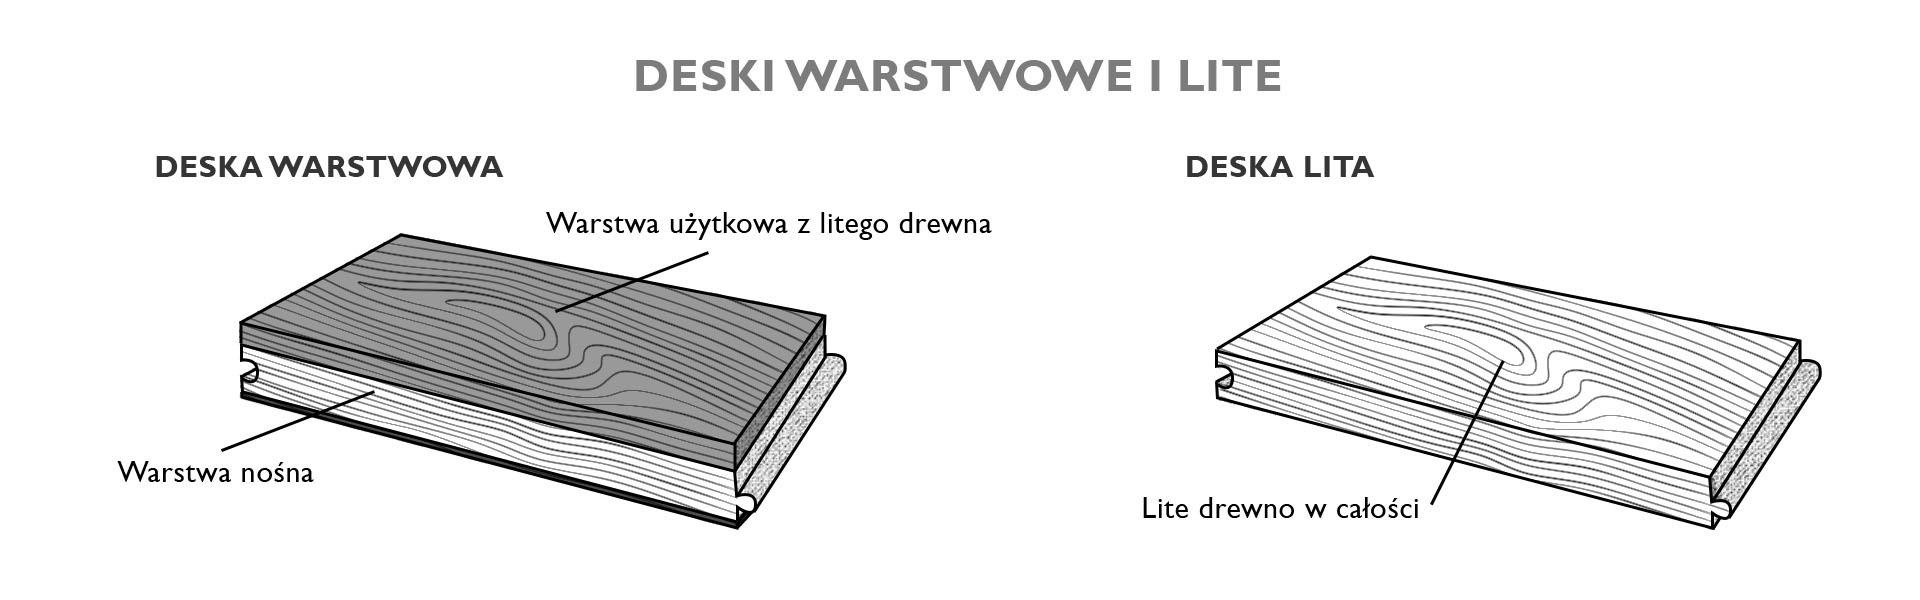 deski_warstwowe_2